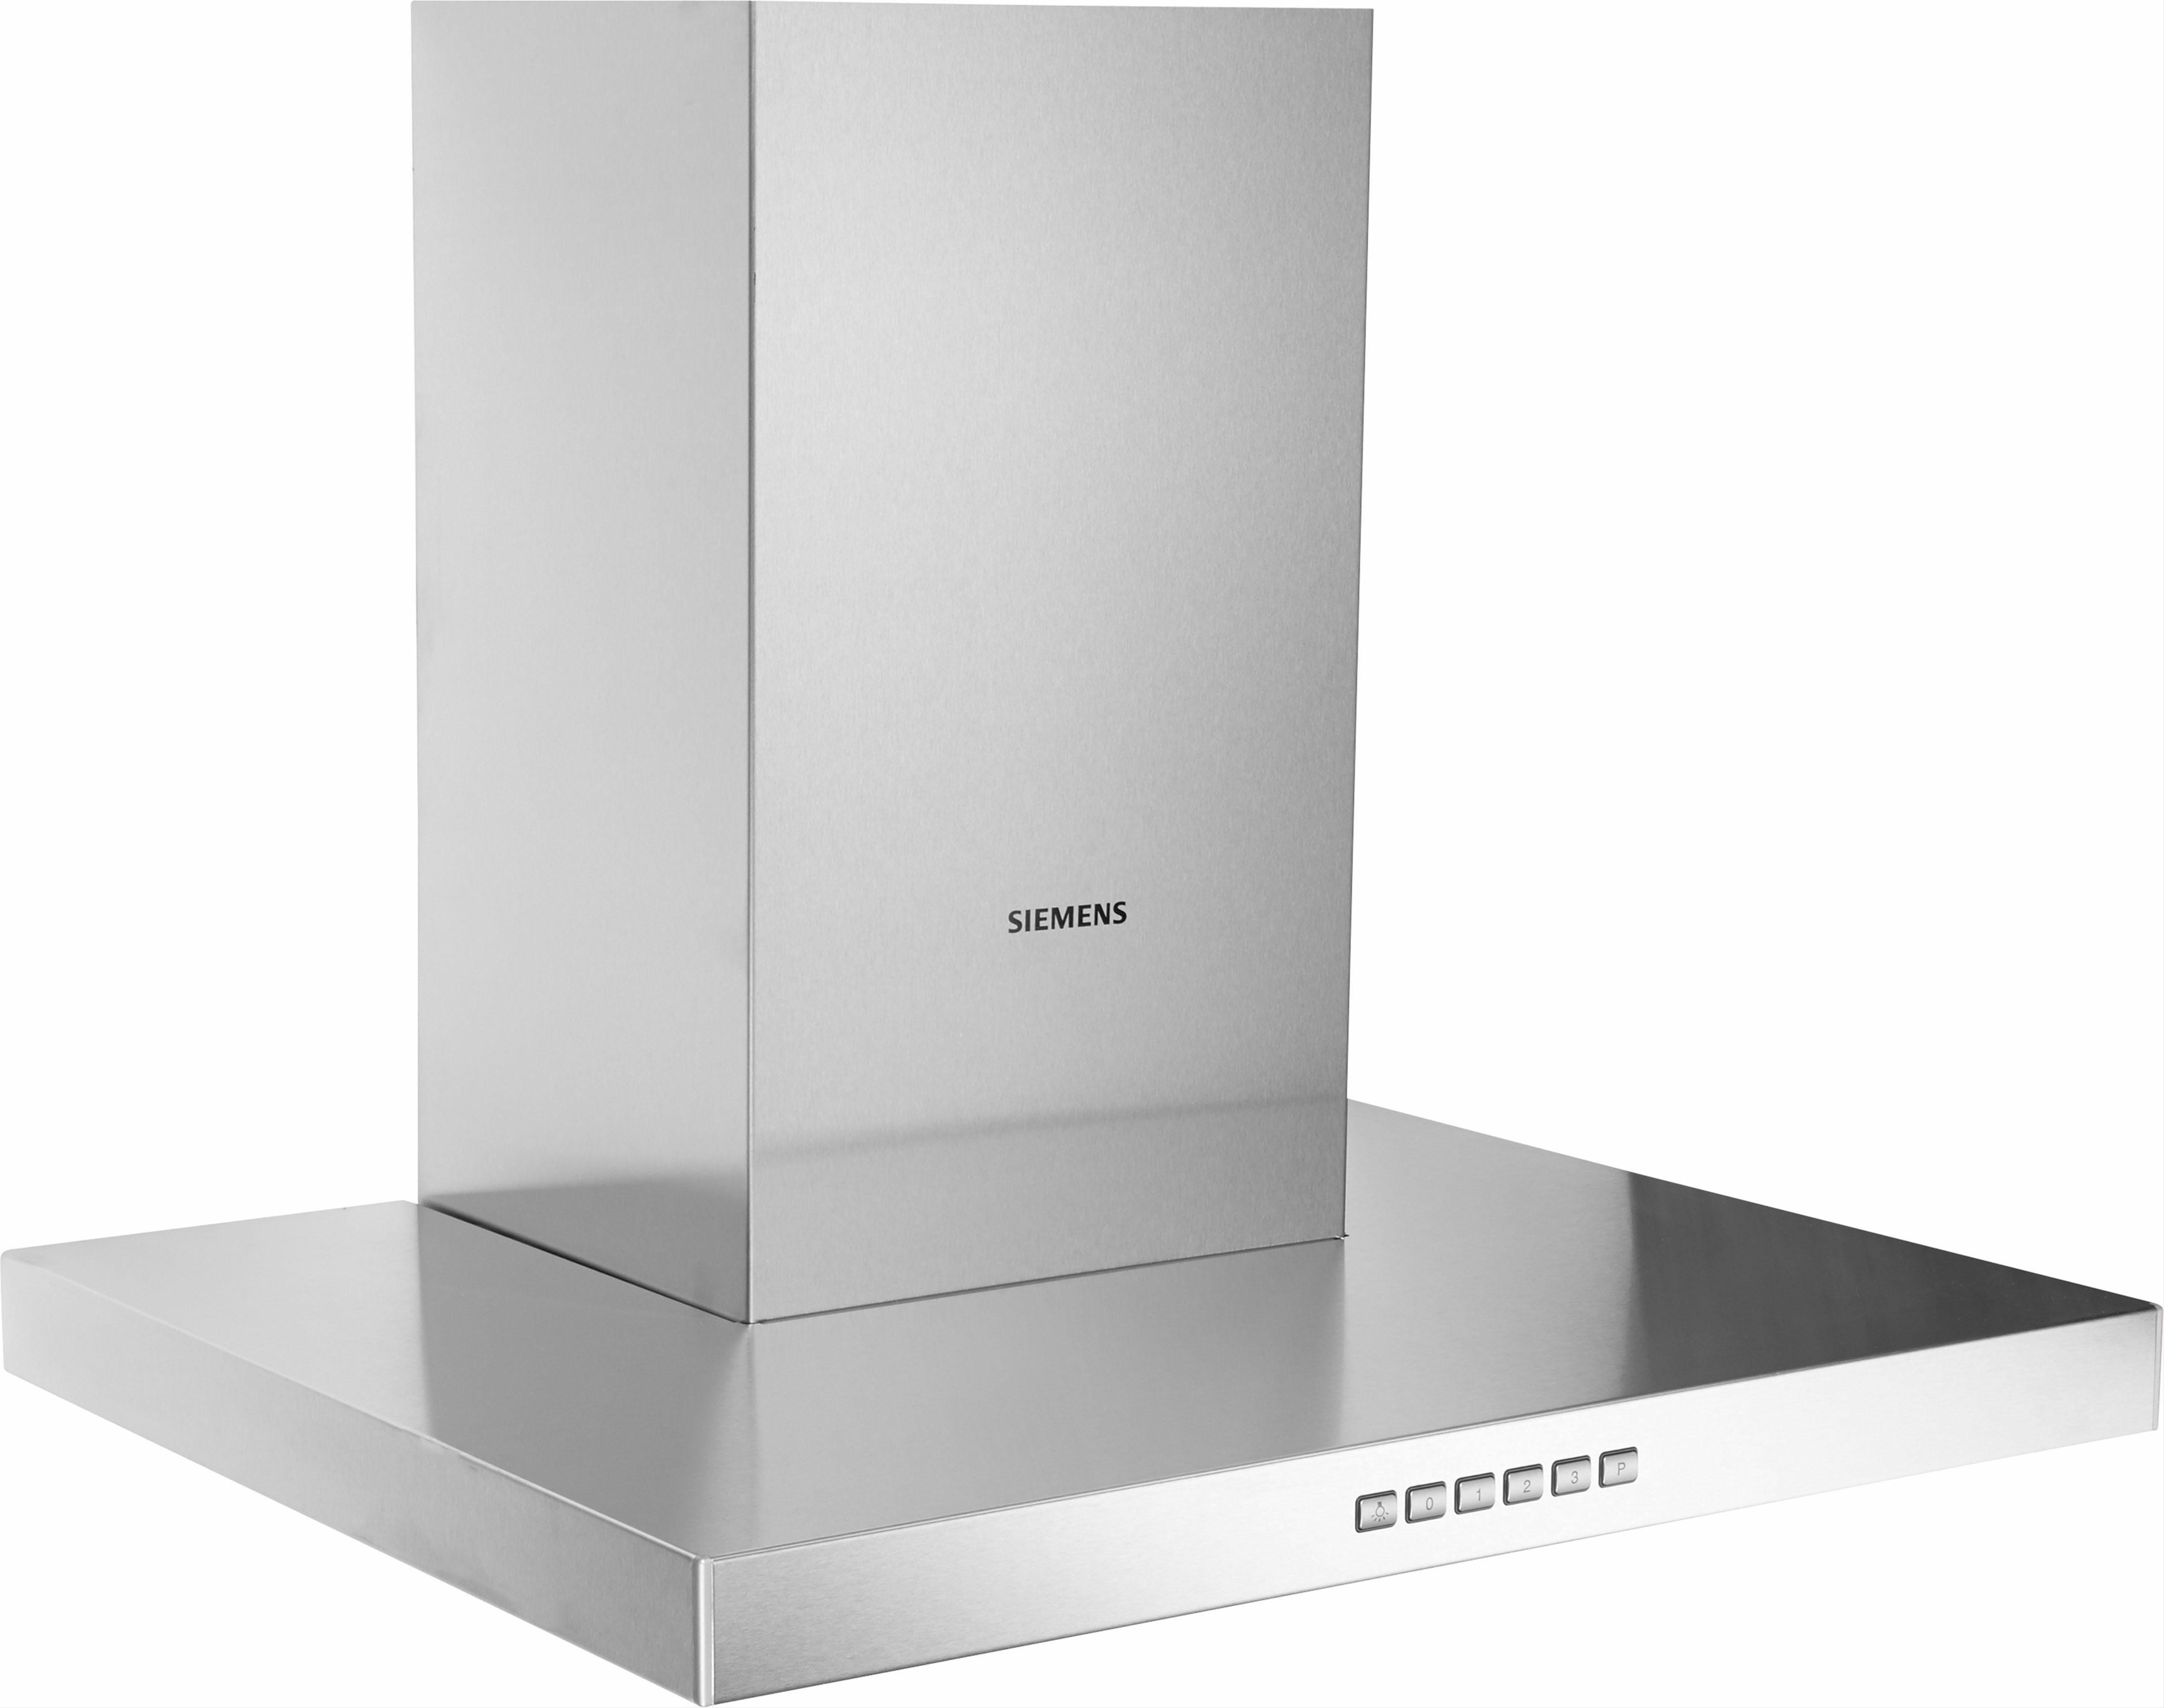 Siemens Kühlschrank Preisliste : Siemens dunstabzugshauben online kaufen otto